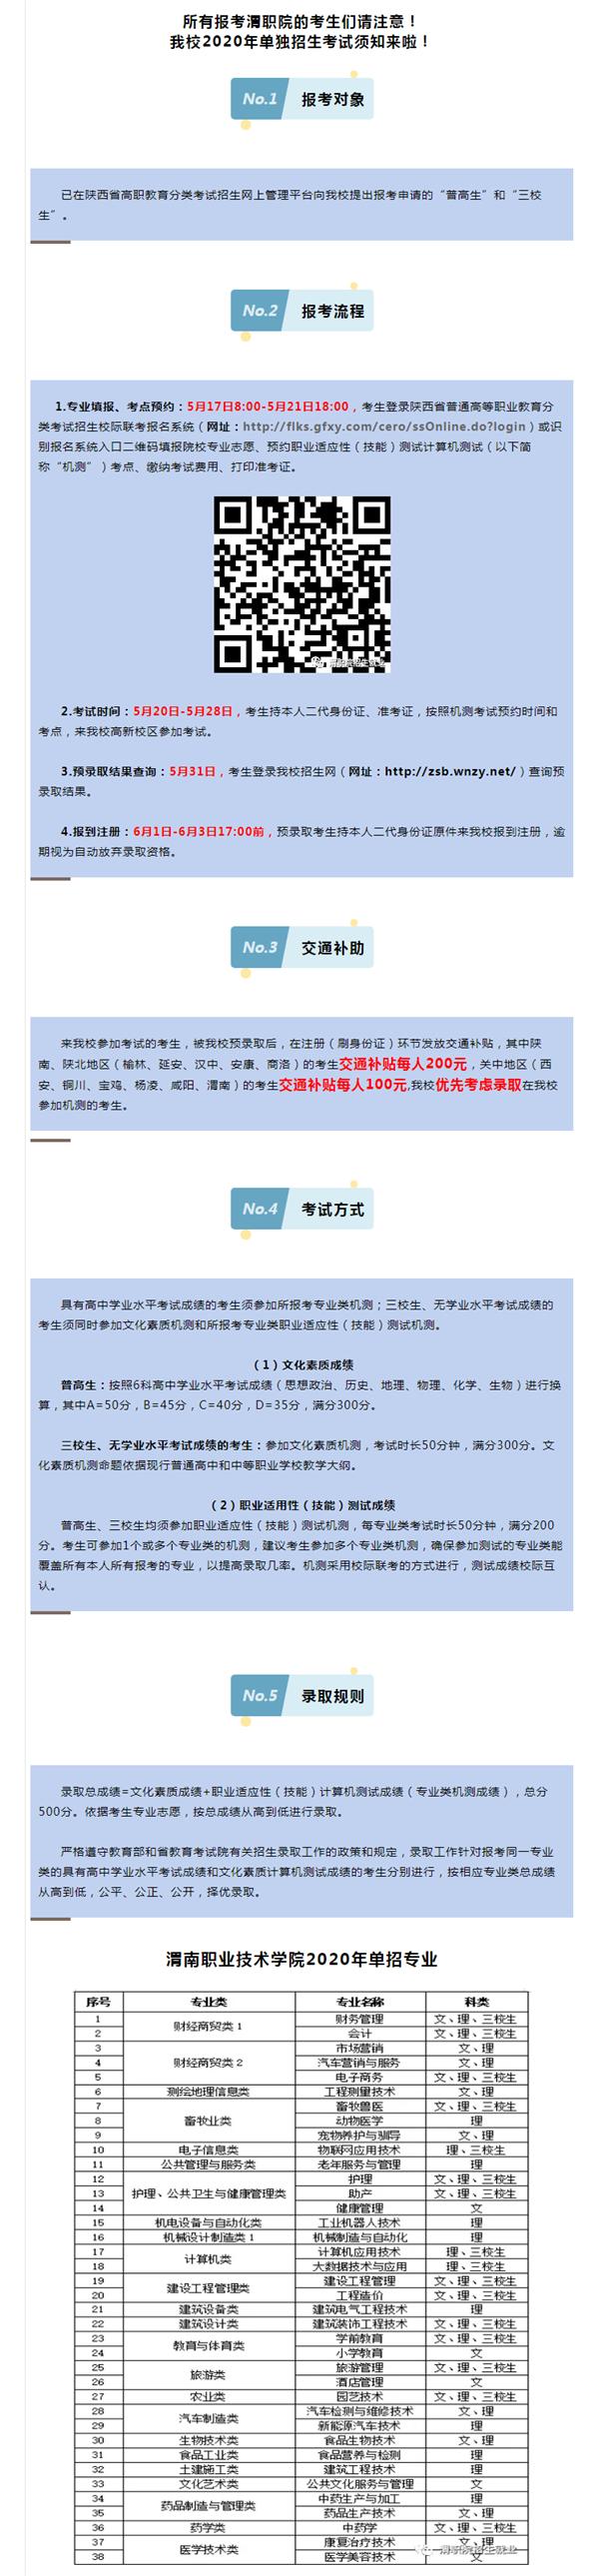 2020渭南职业技术学院分类考试简章